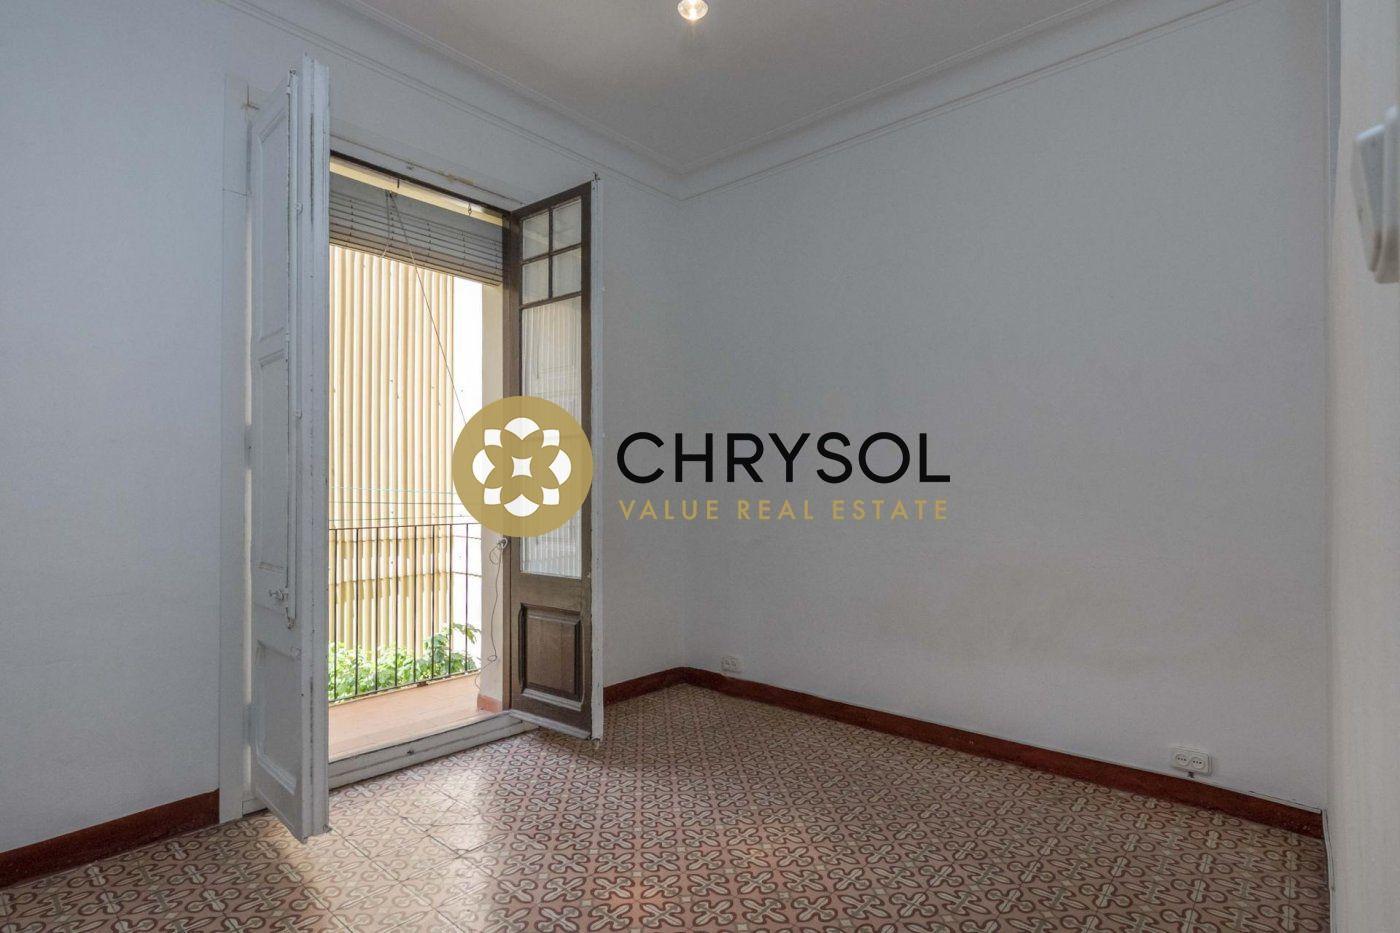 Fotogalería - 12 - Chrysol Value